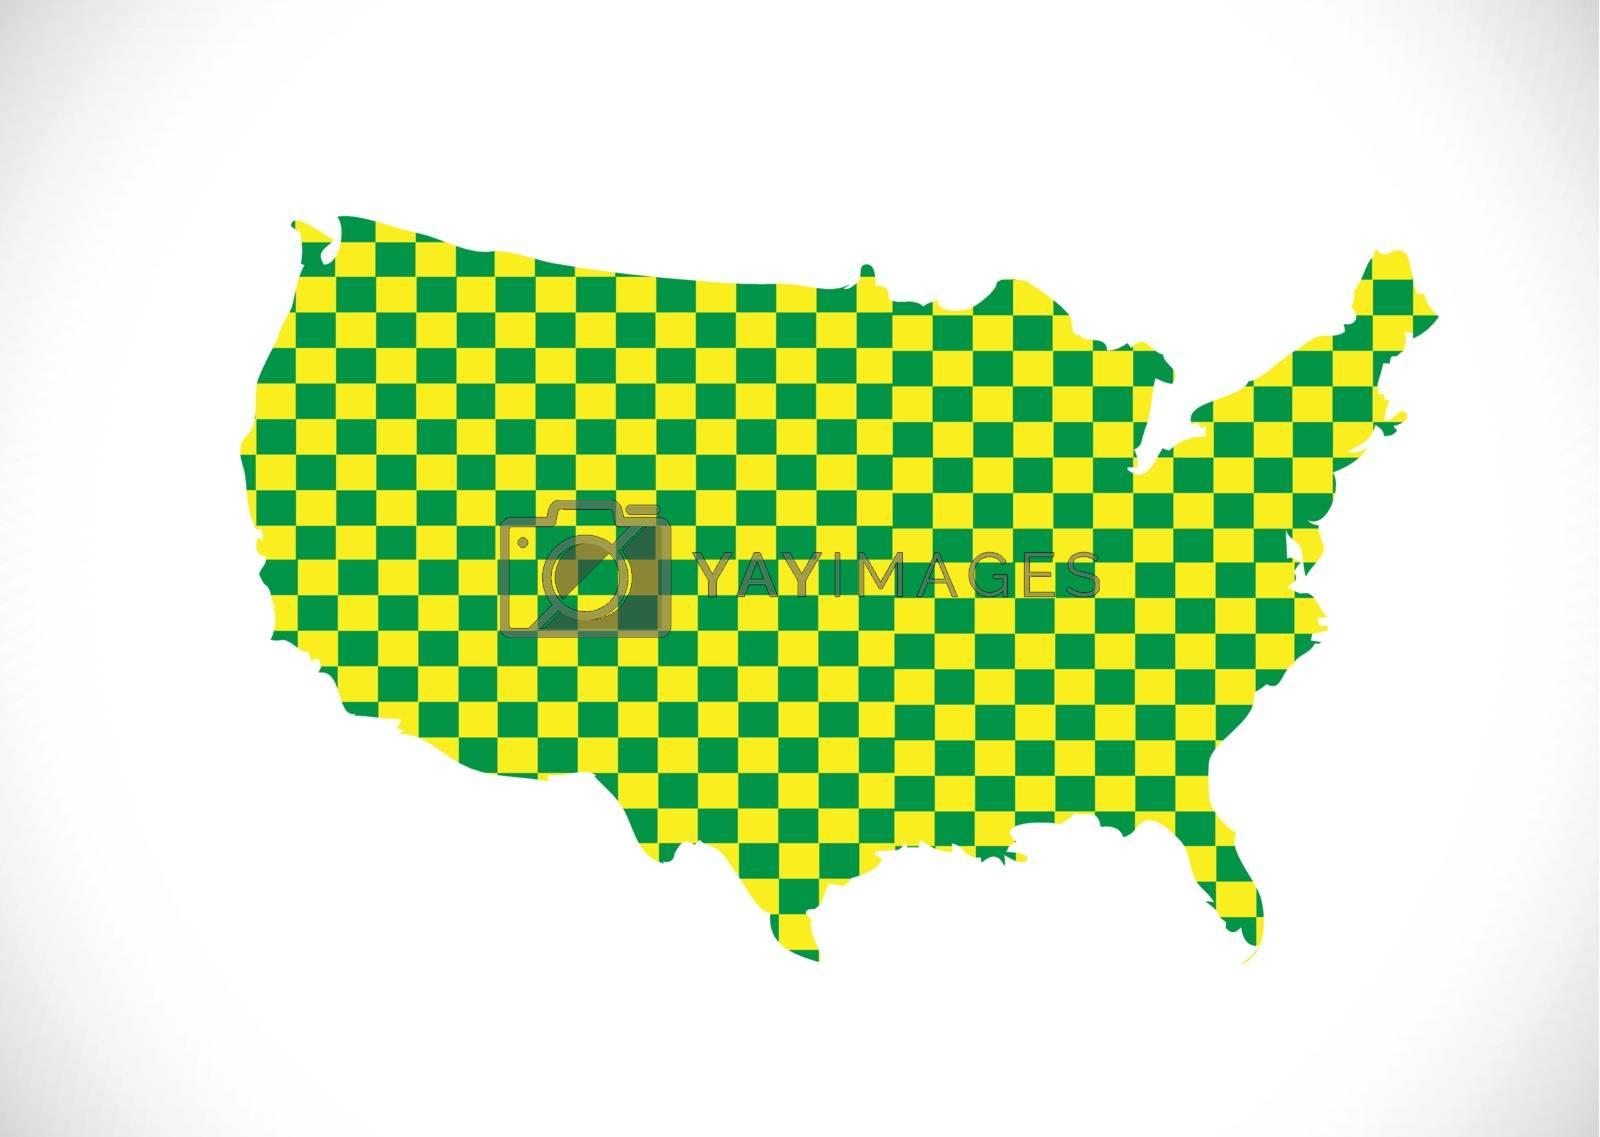 Map of USA by kiddaikiddee